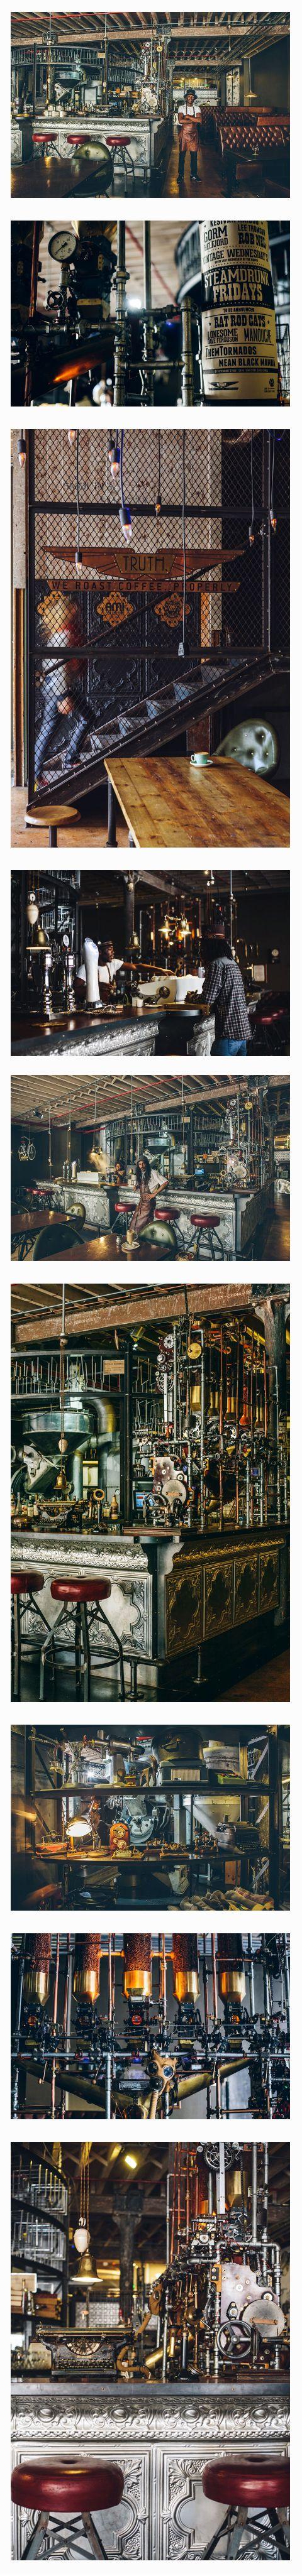 驚くほど完成度の高いスチームパンクなコーヒーショップ TRUTH Coffee Shop In Cape Town, South Africa                                                                                                                                                                                 もっと見る